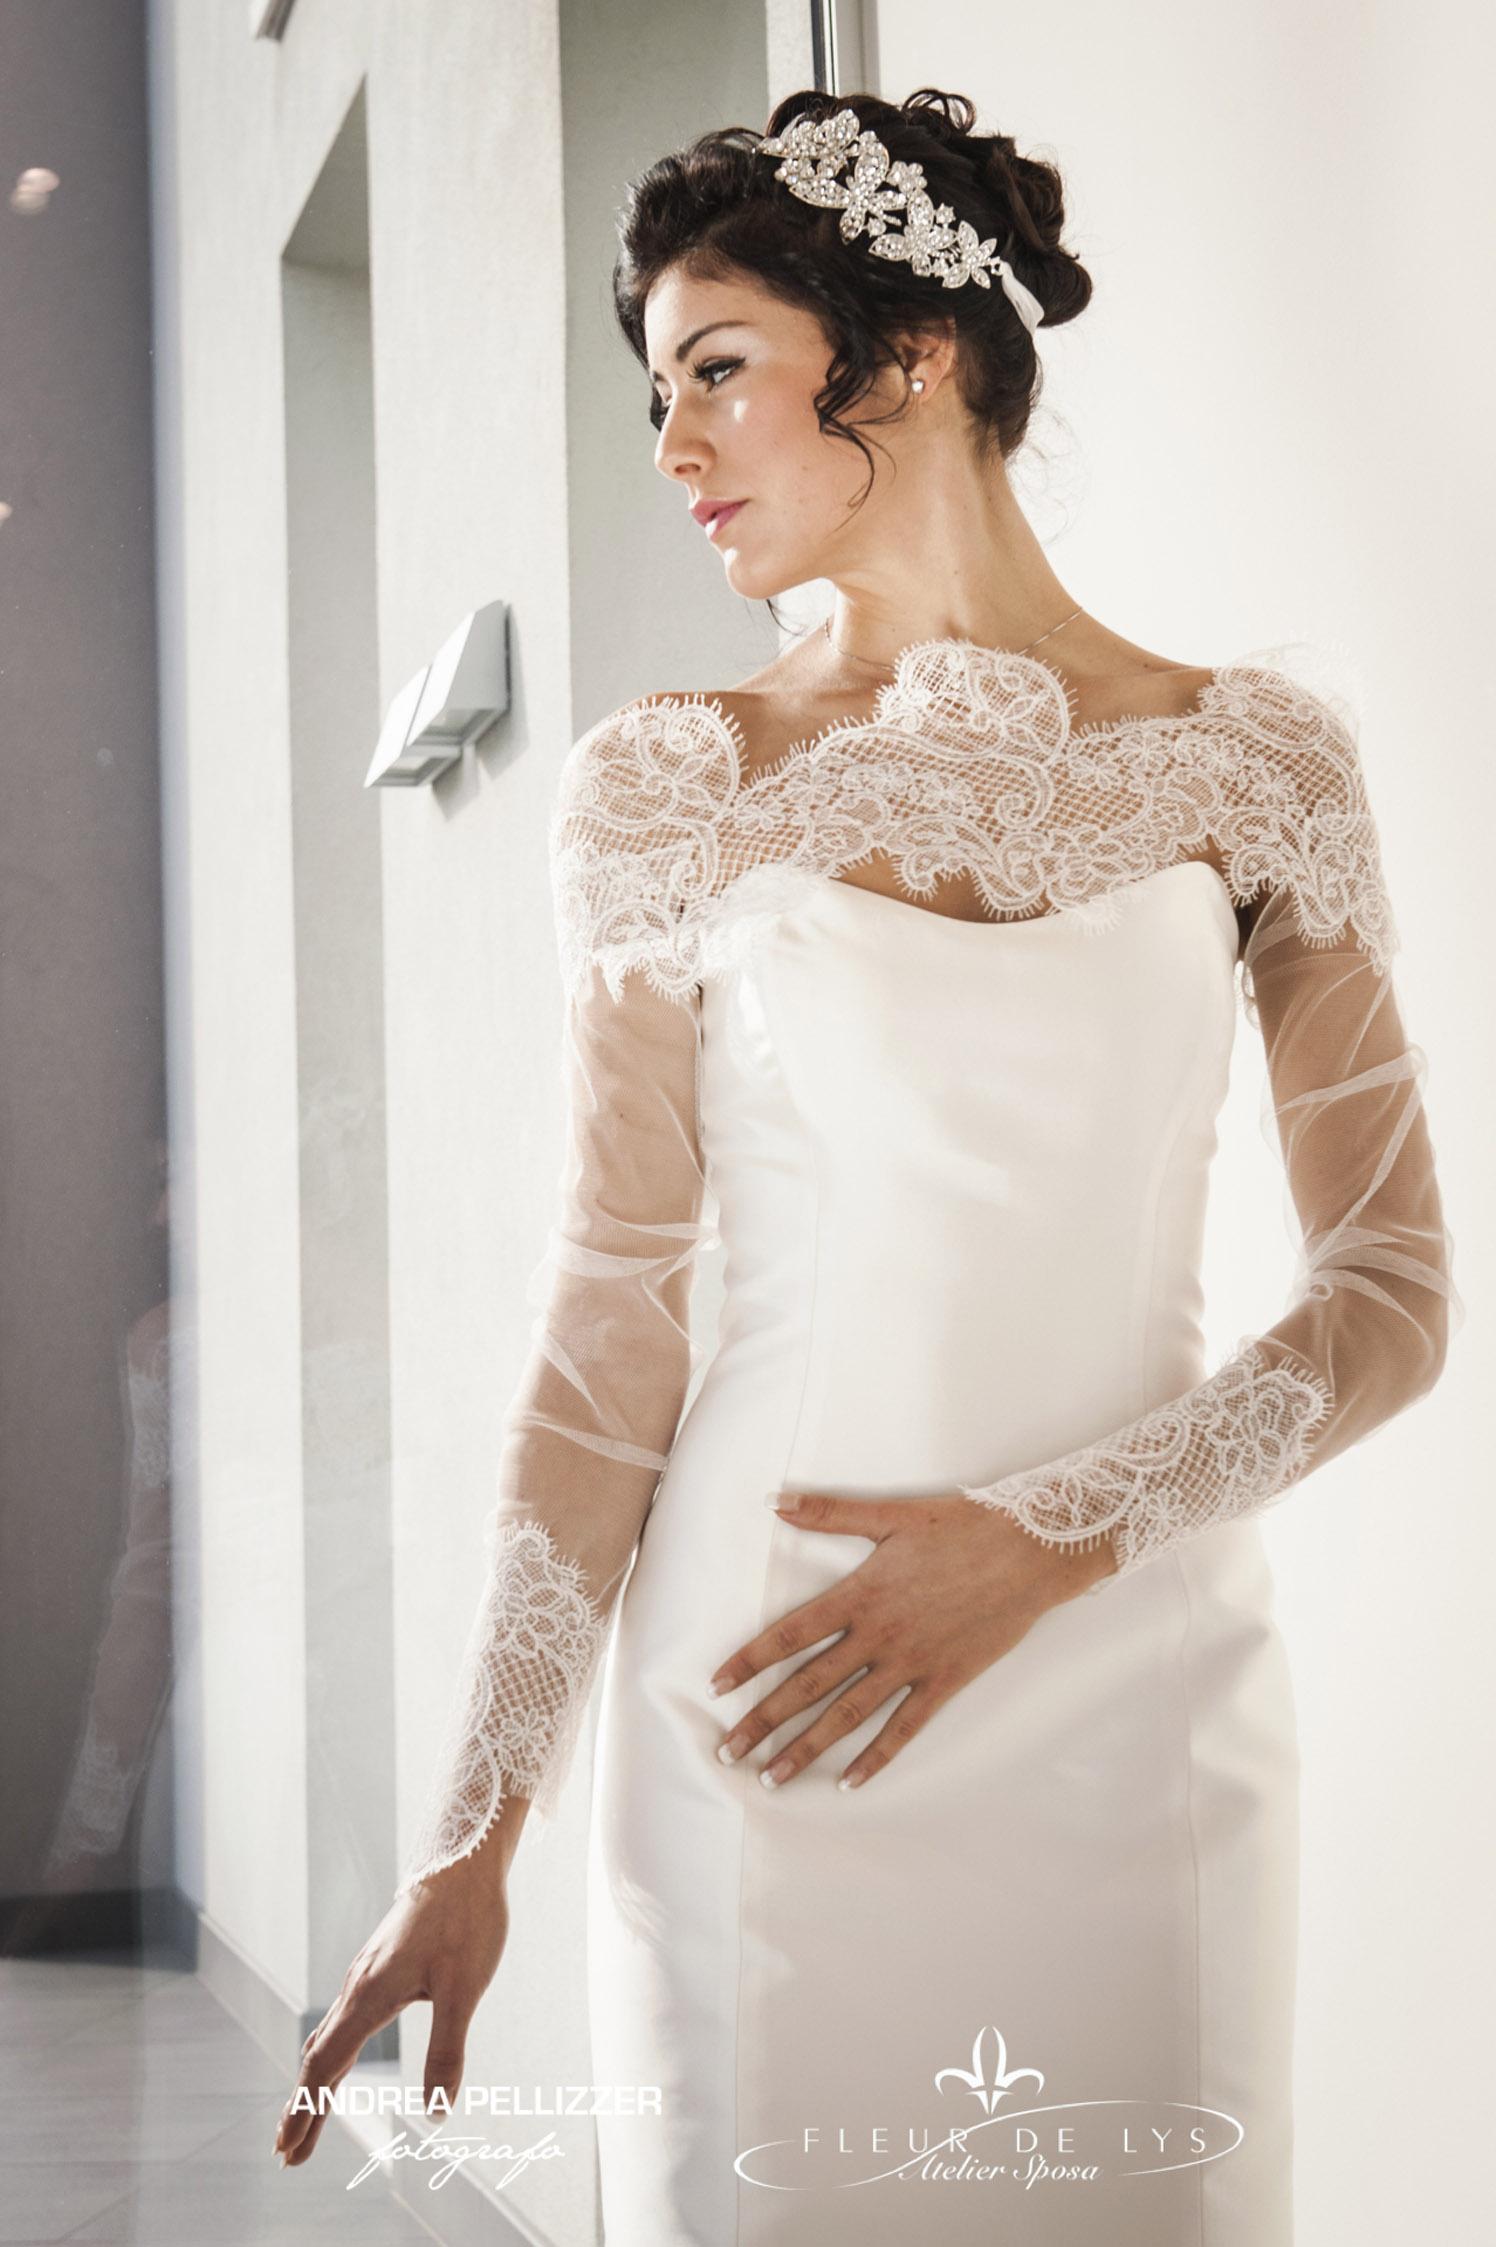 59-Negozio-Abiti-da-Sposa-Matrimonio-da-Principessa-Treviso